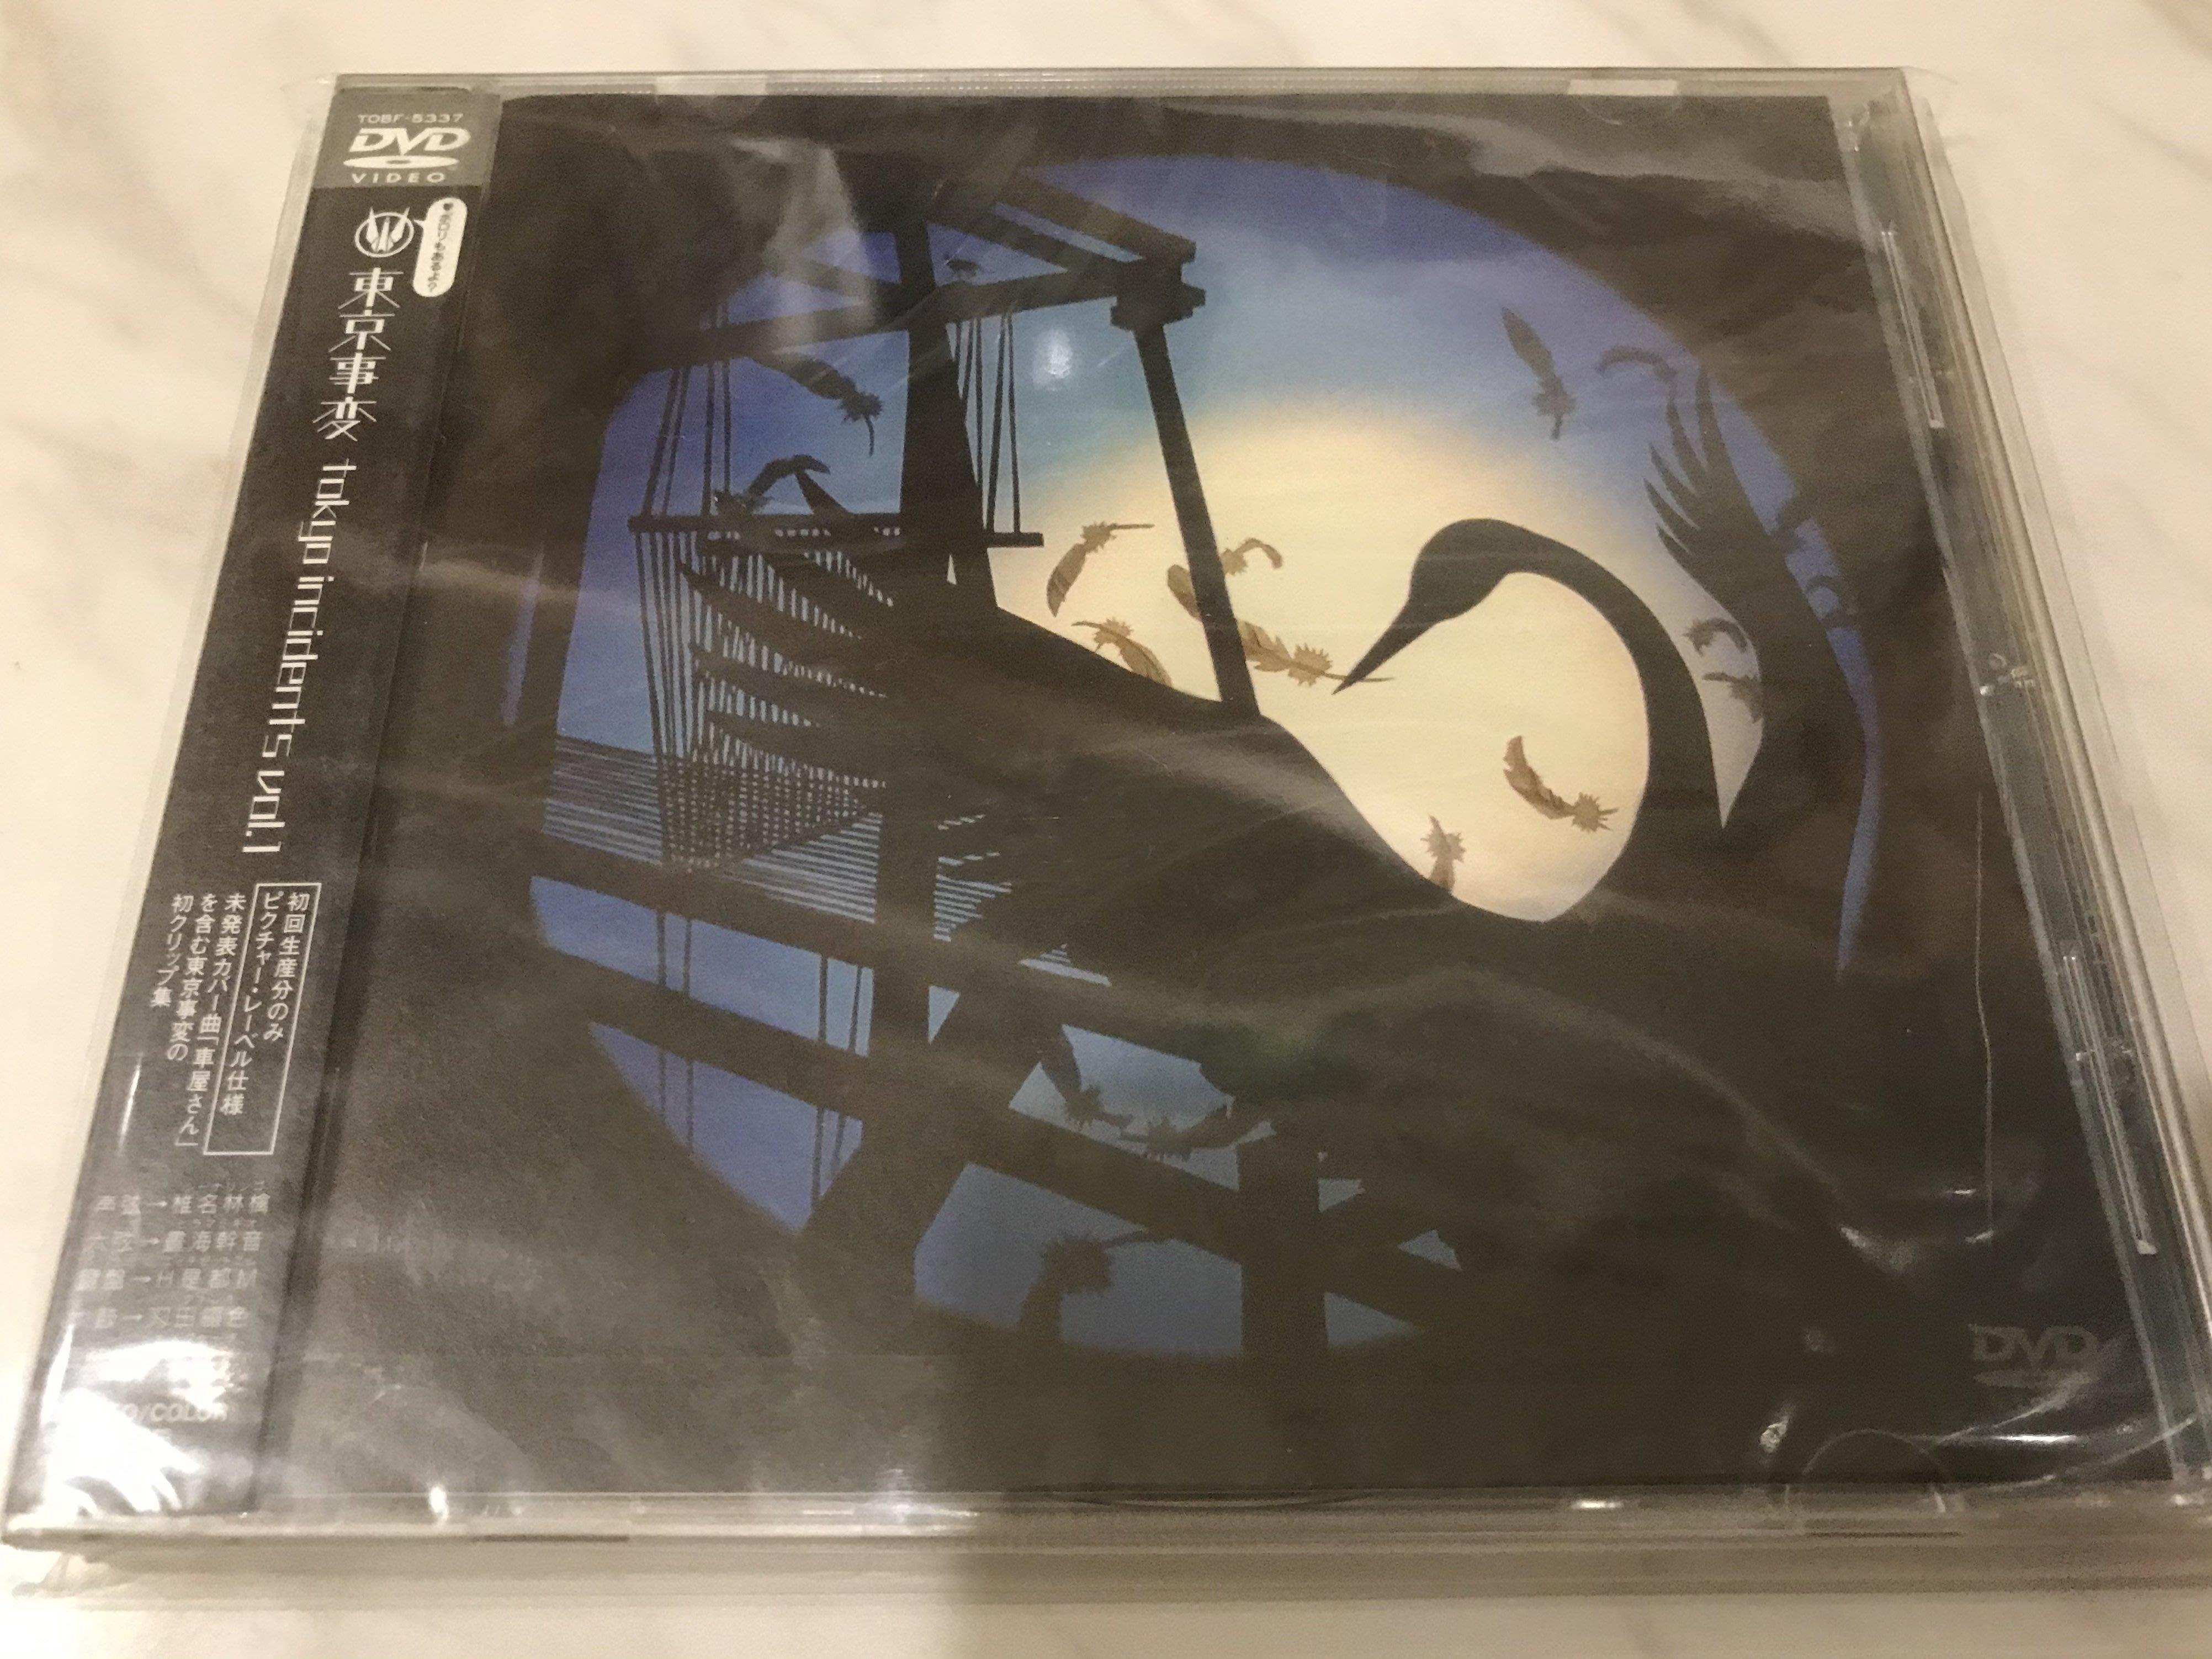 全新未拆封 初回限量盤 東京事變 / Tokyo Incidents VOL.1 /精選MV DVD/ 椎名林檎